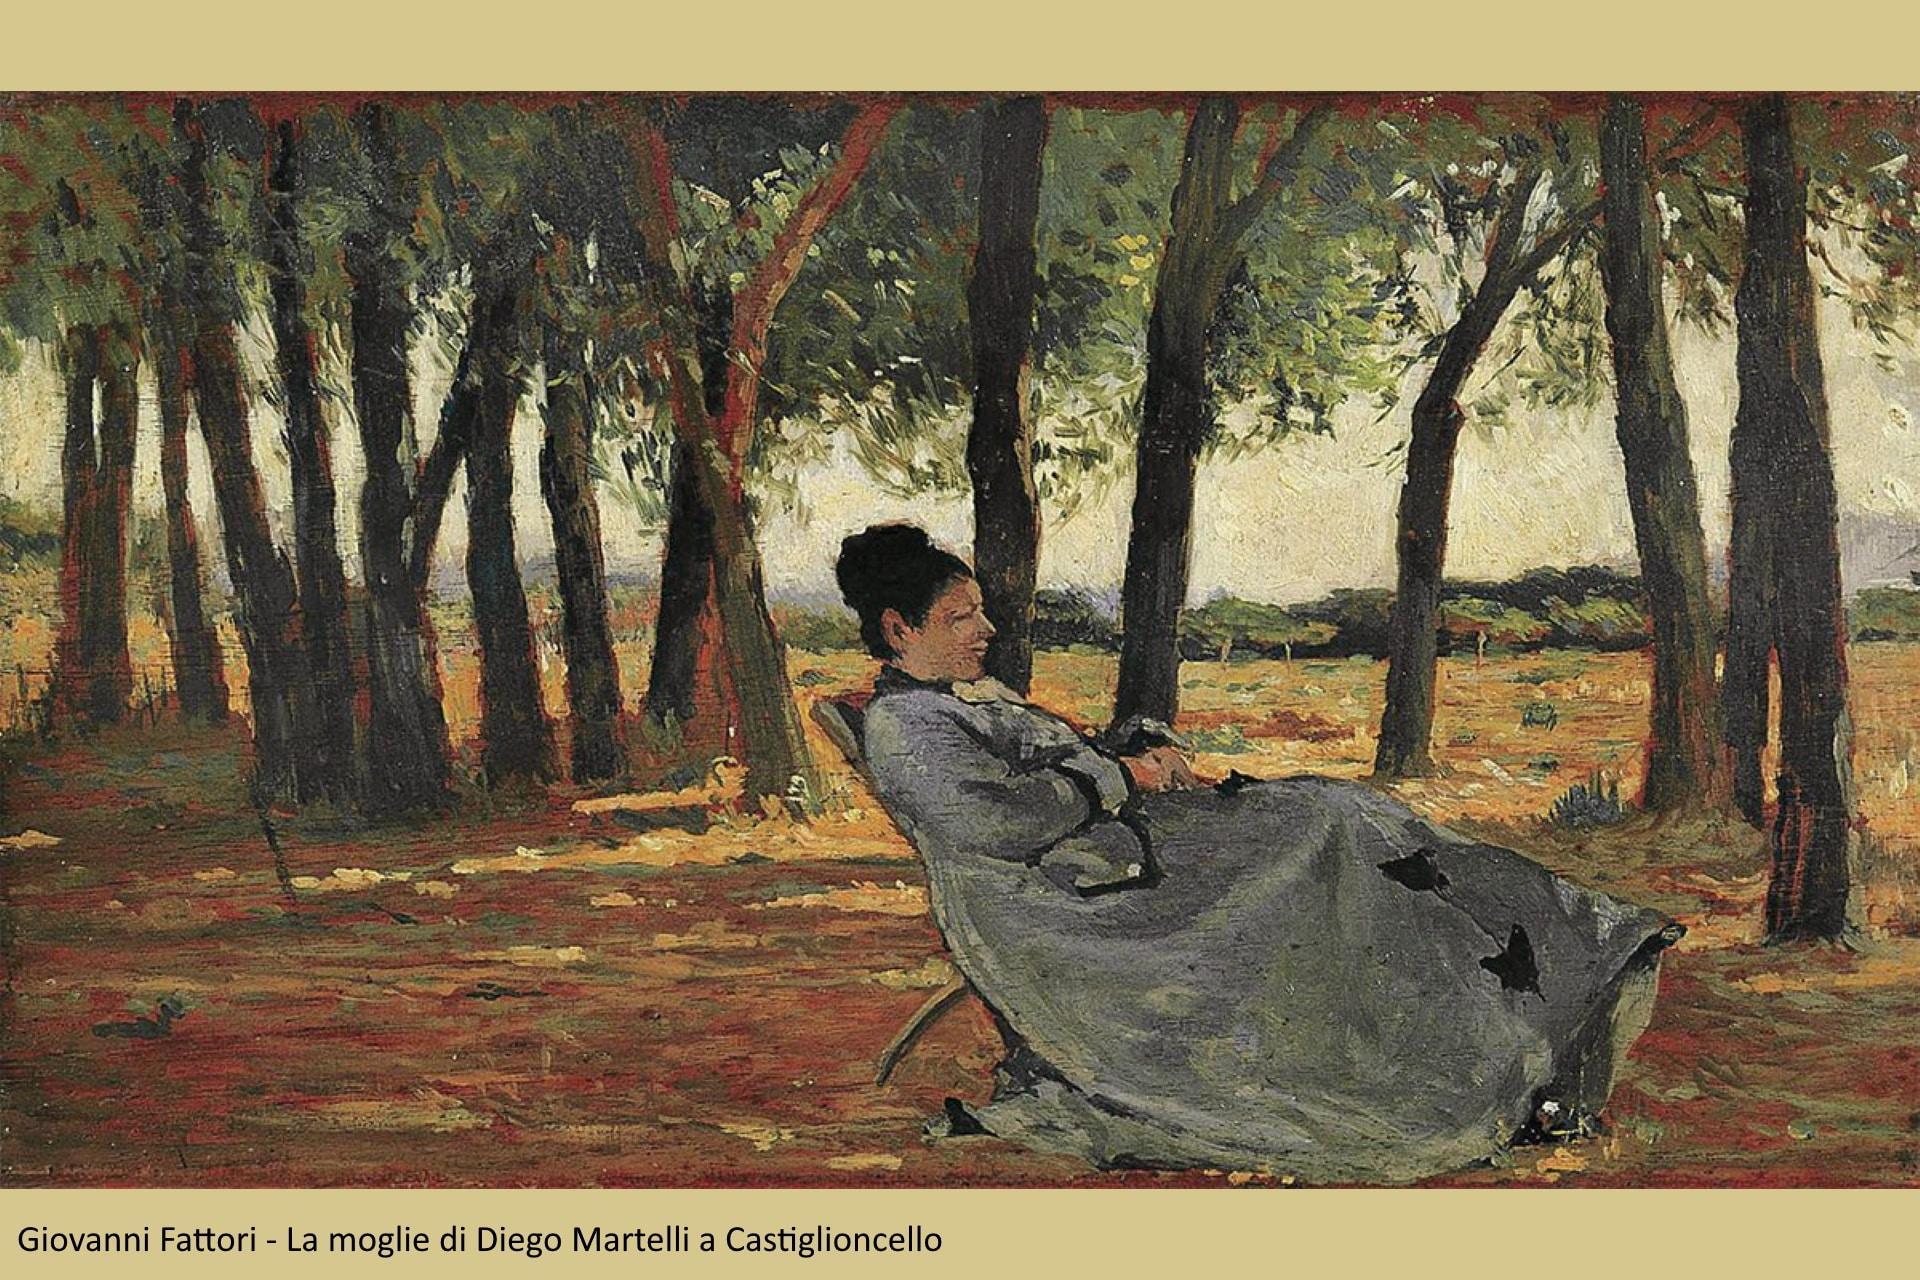 Giovanni fattori - La signora Martelli a Castiglioncello